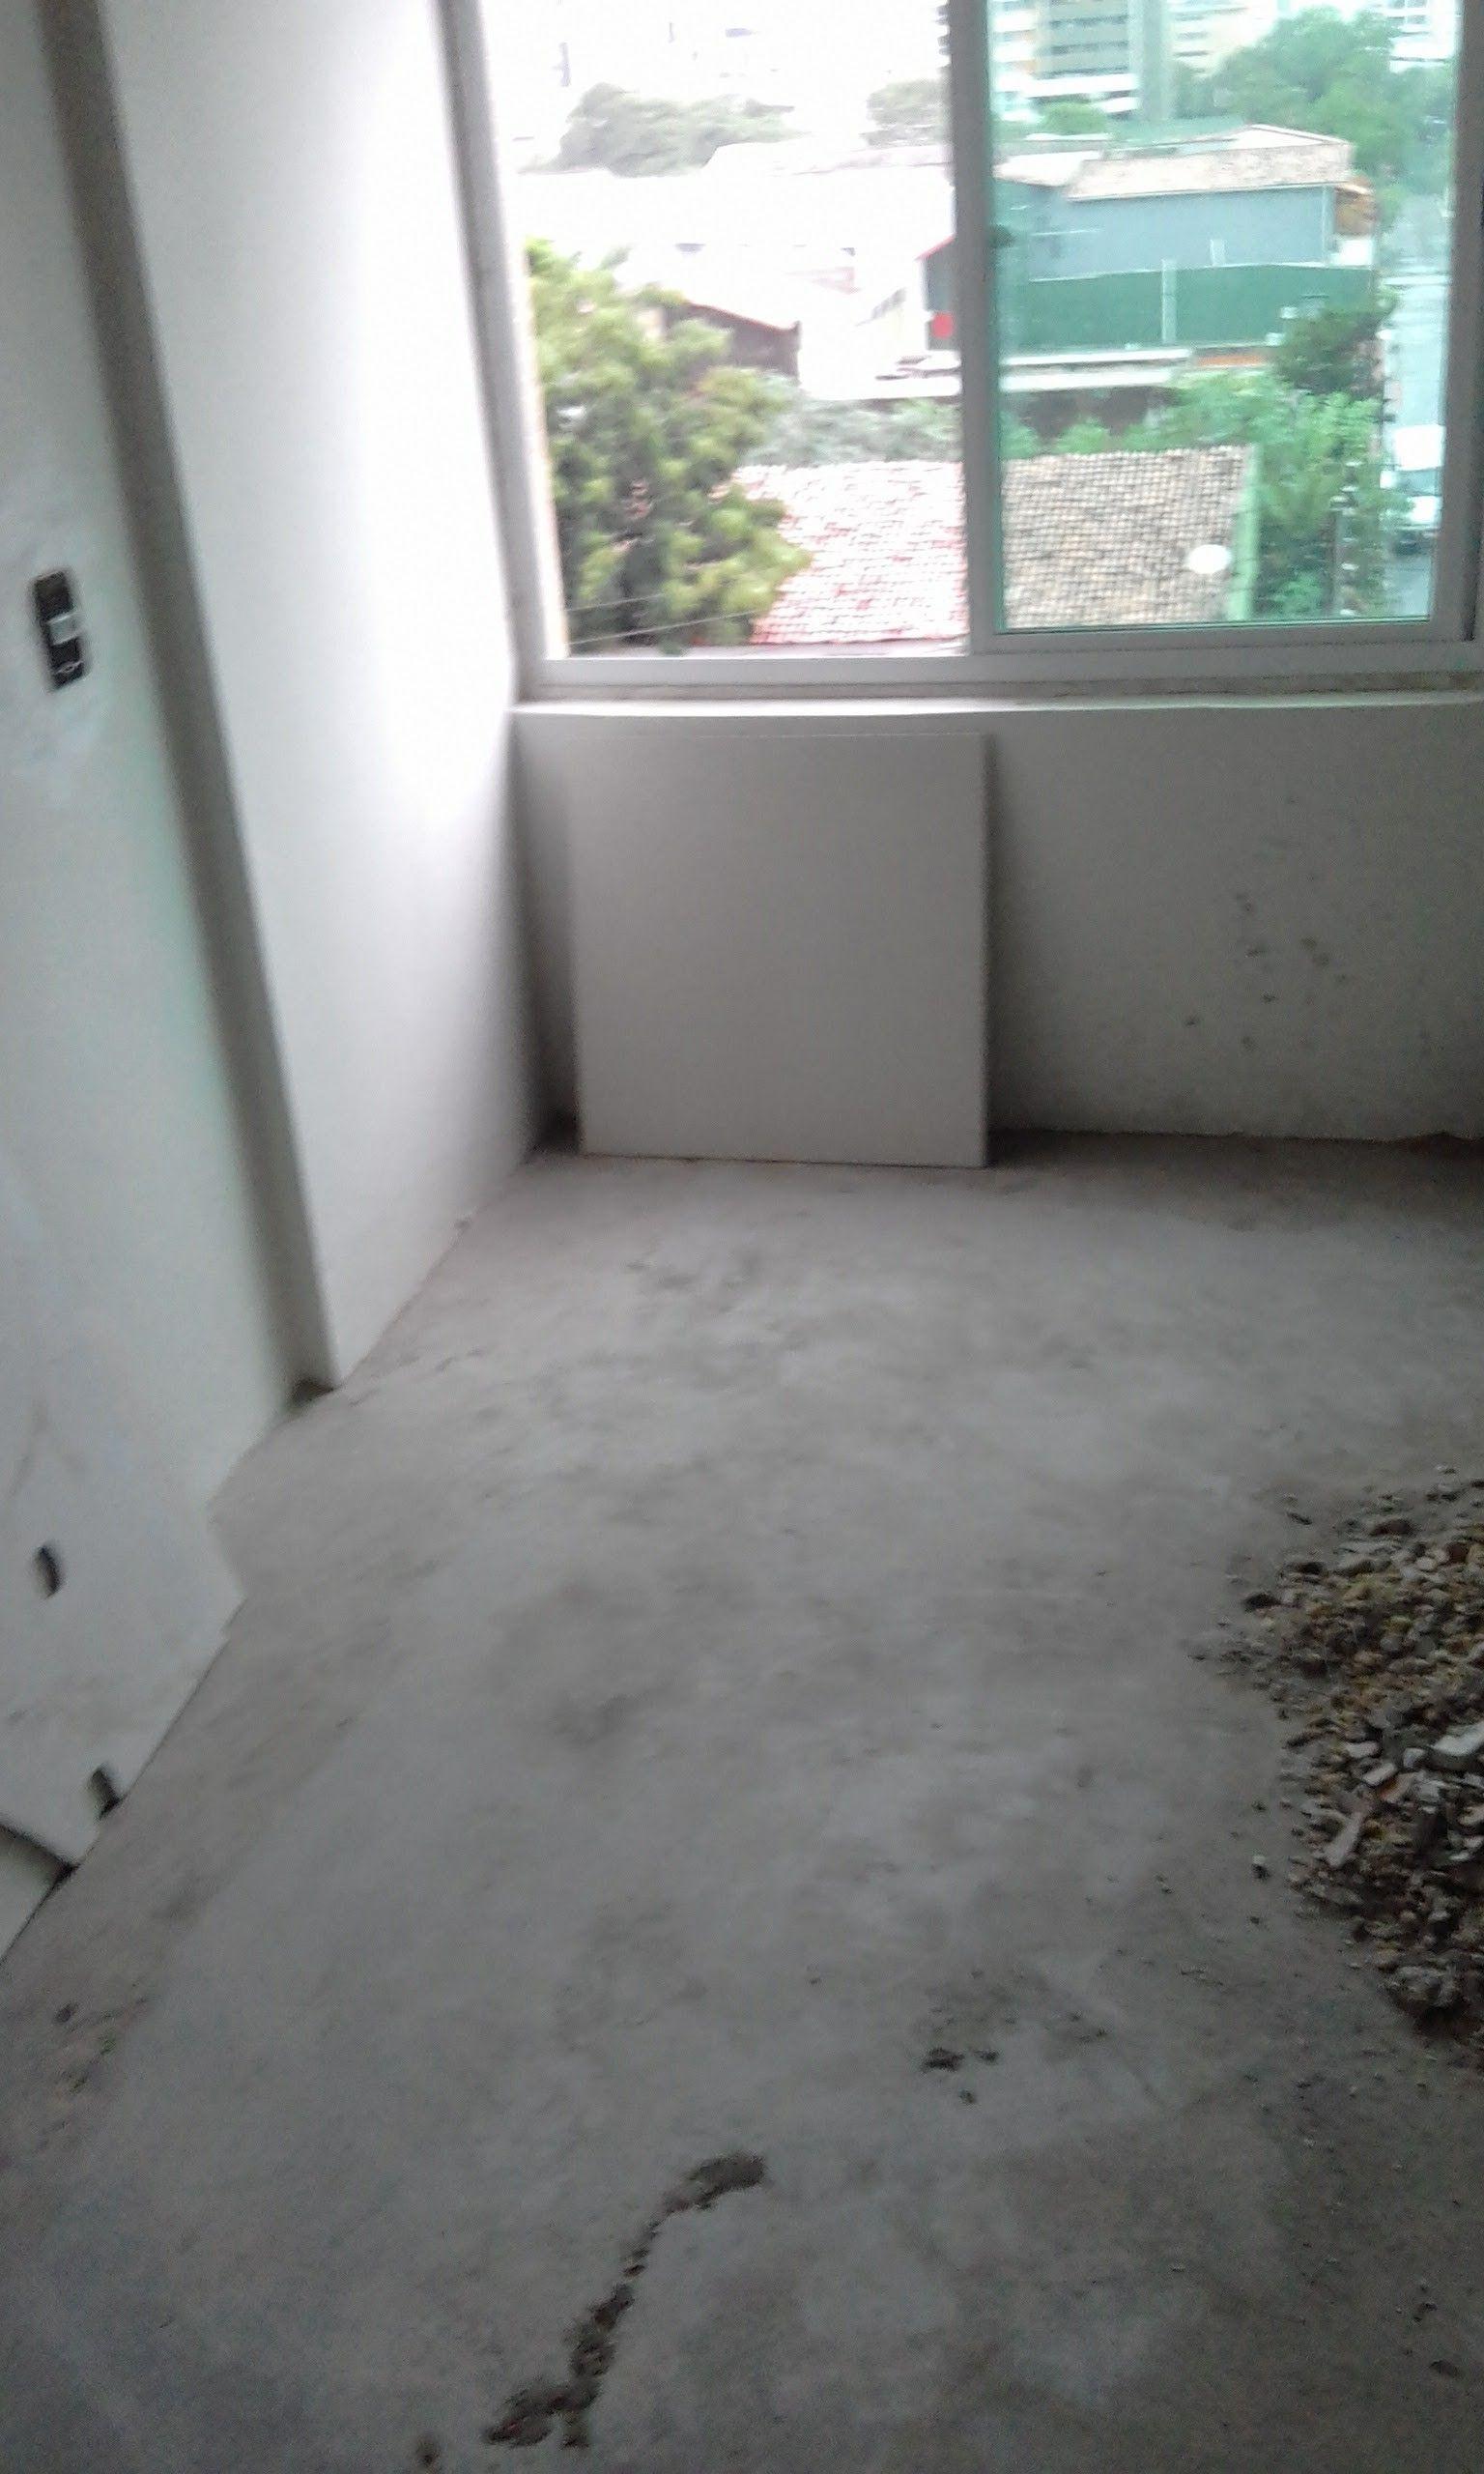 reformas em apartamento em geral.